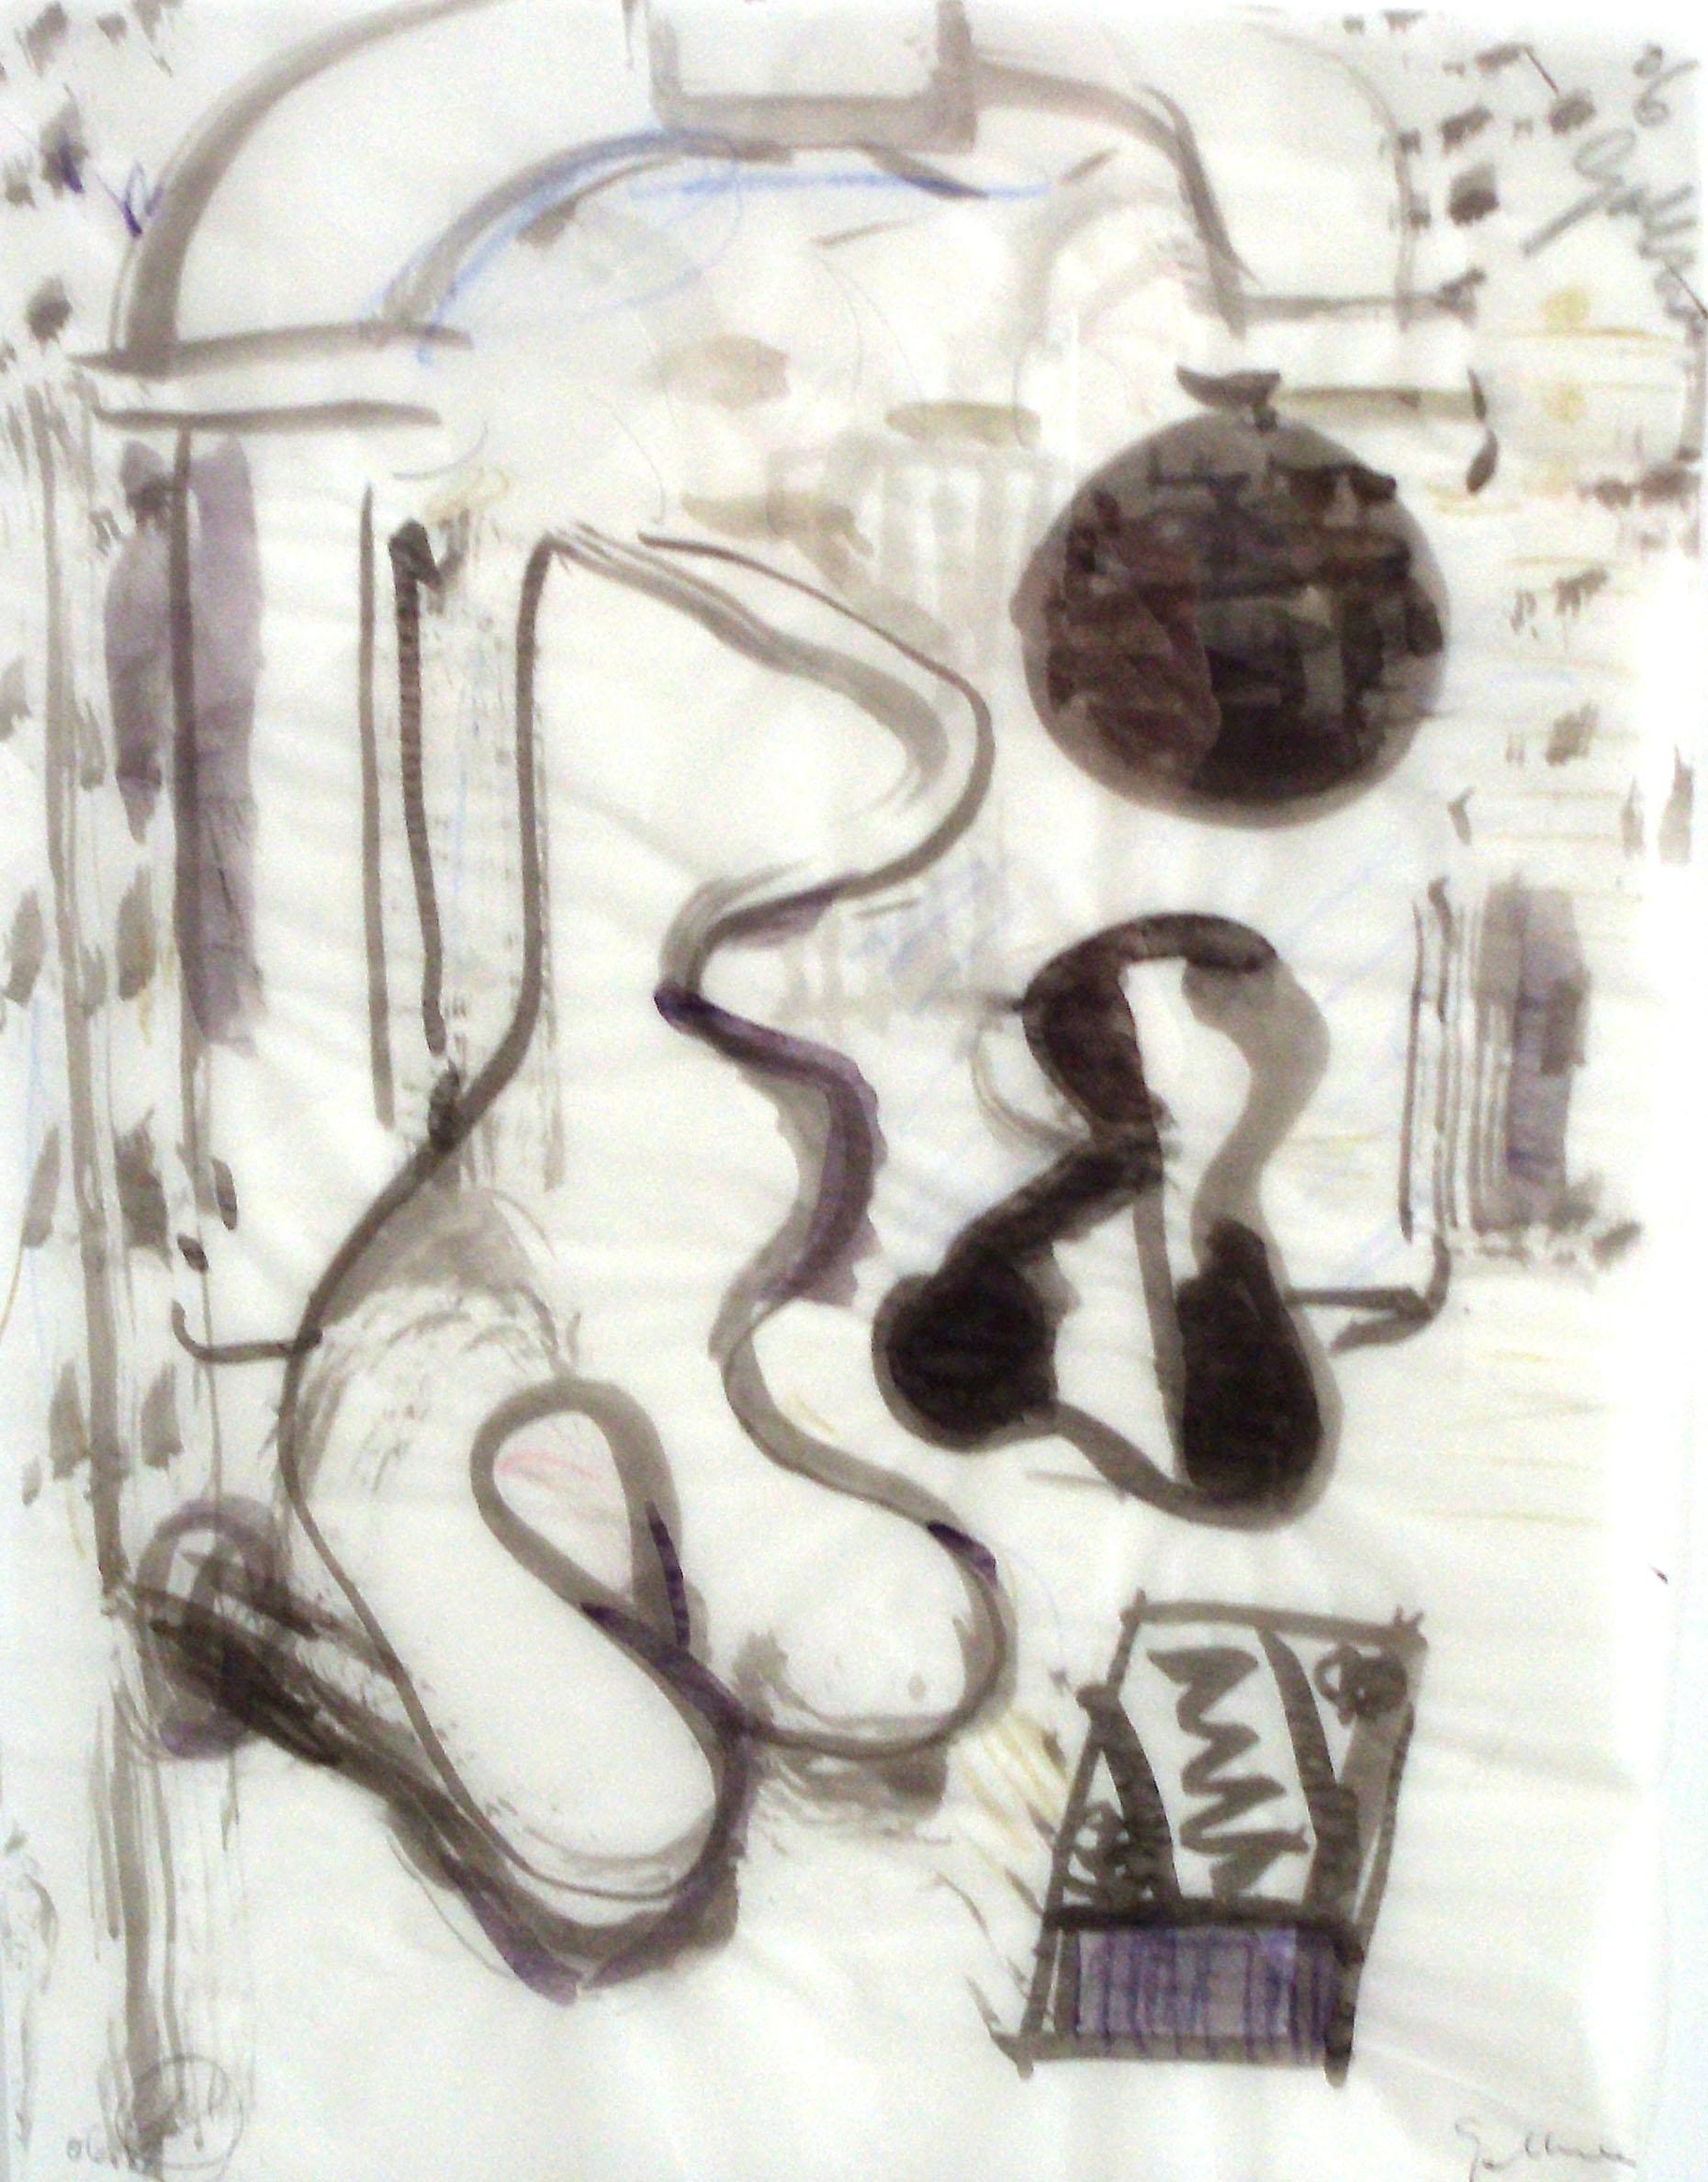 Dieter Goltzsche - Skulpturen im Raum